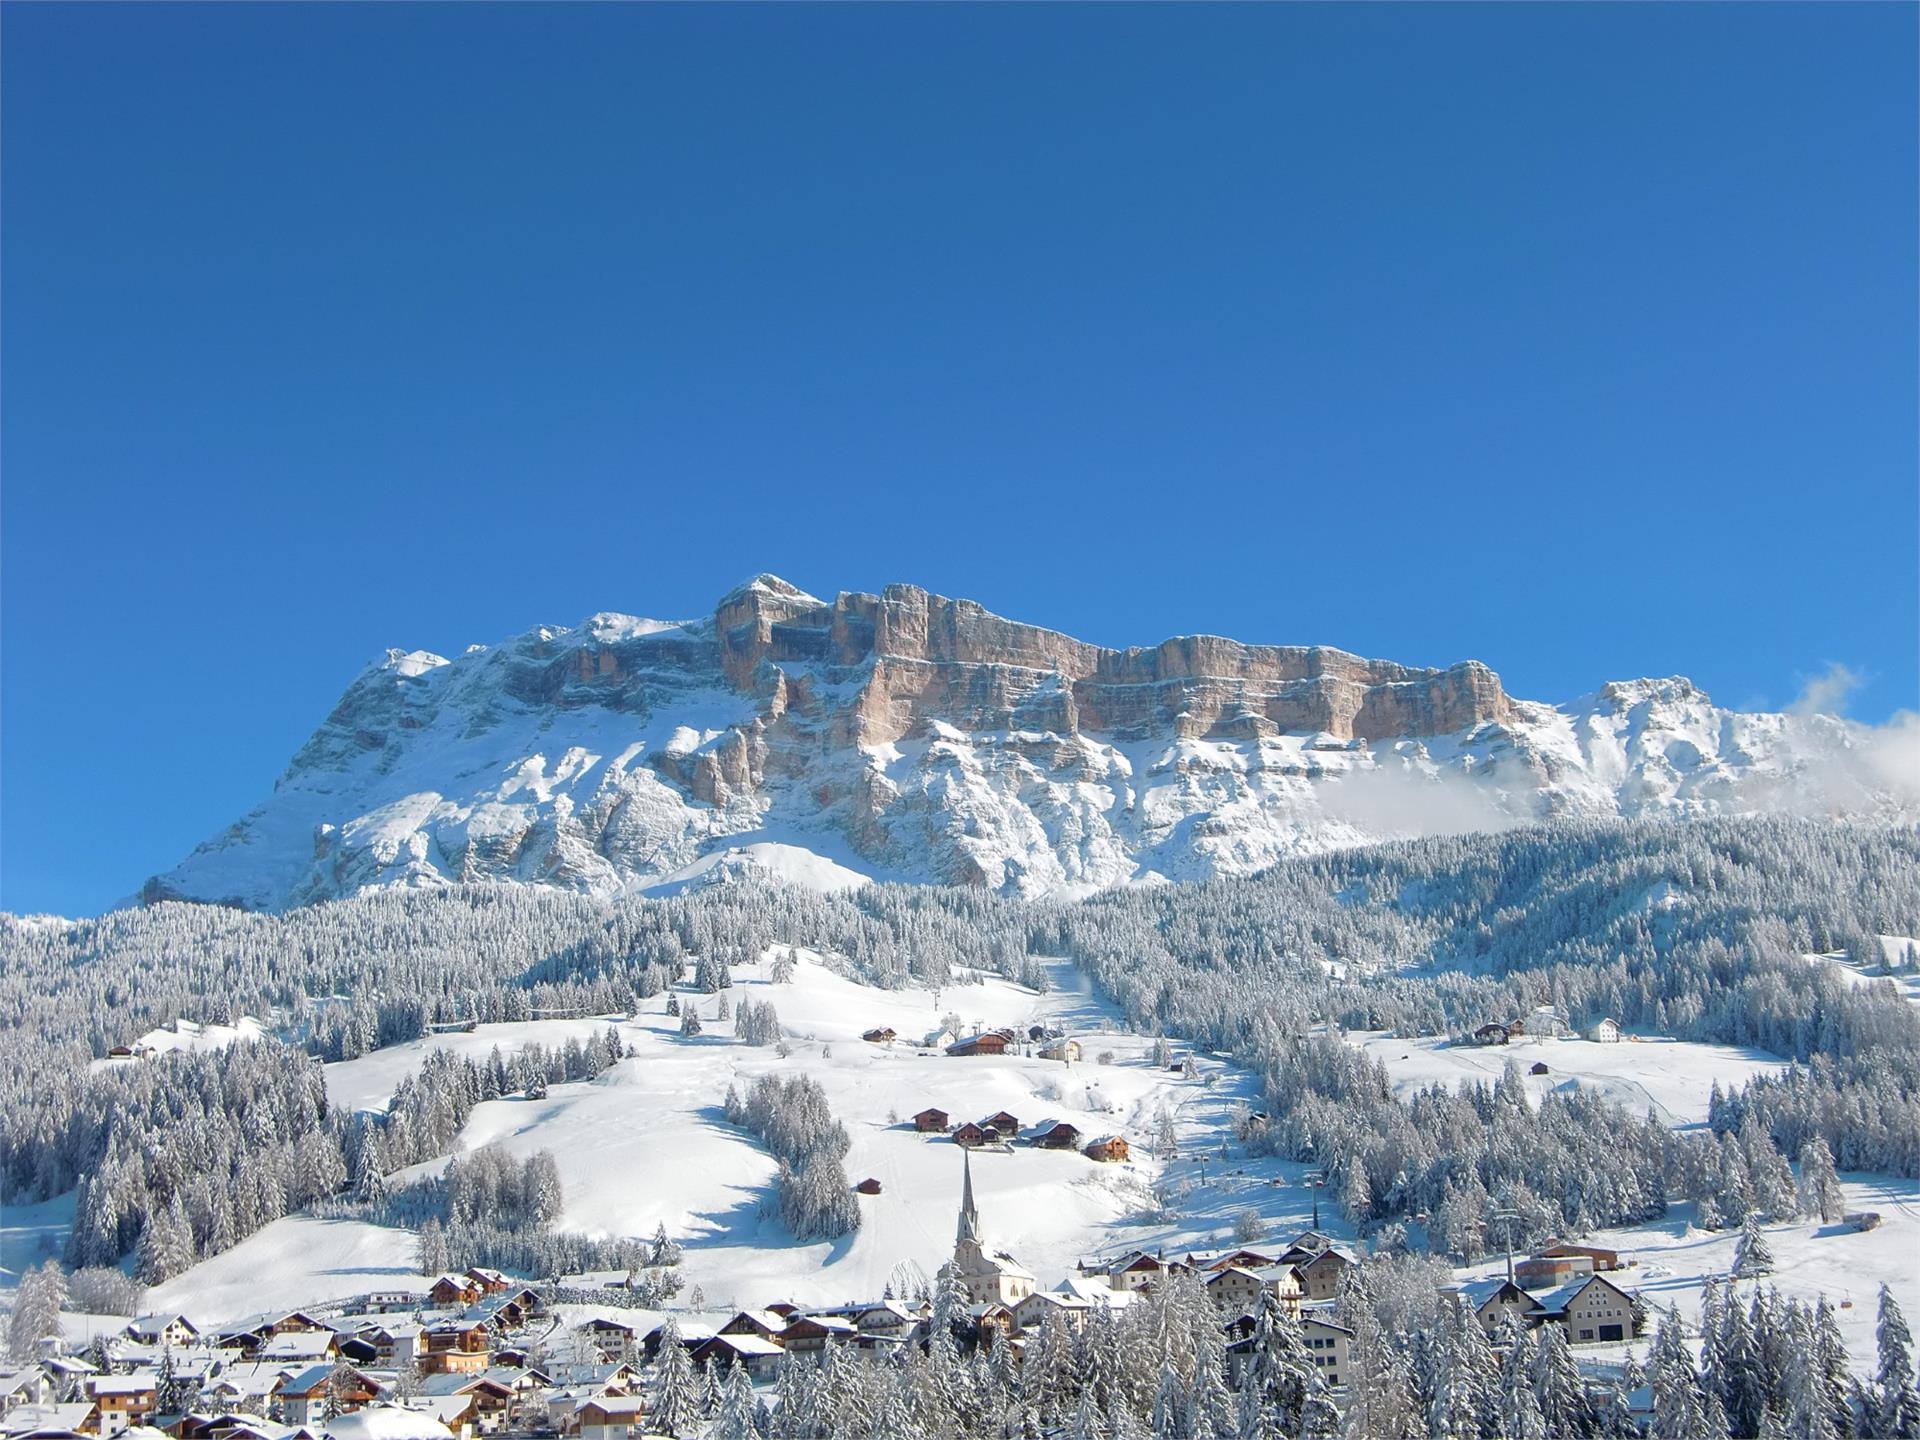 Schneeschuhwanderung von San Cassiano nach Badia über Heilig Kreuz